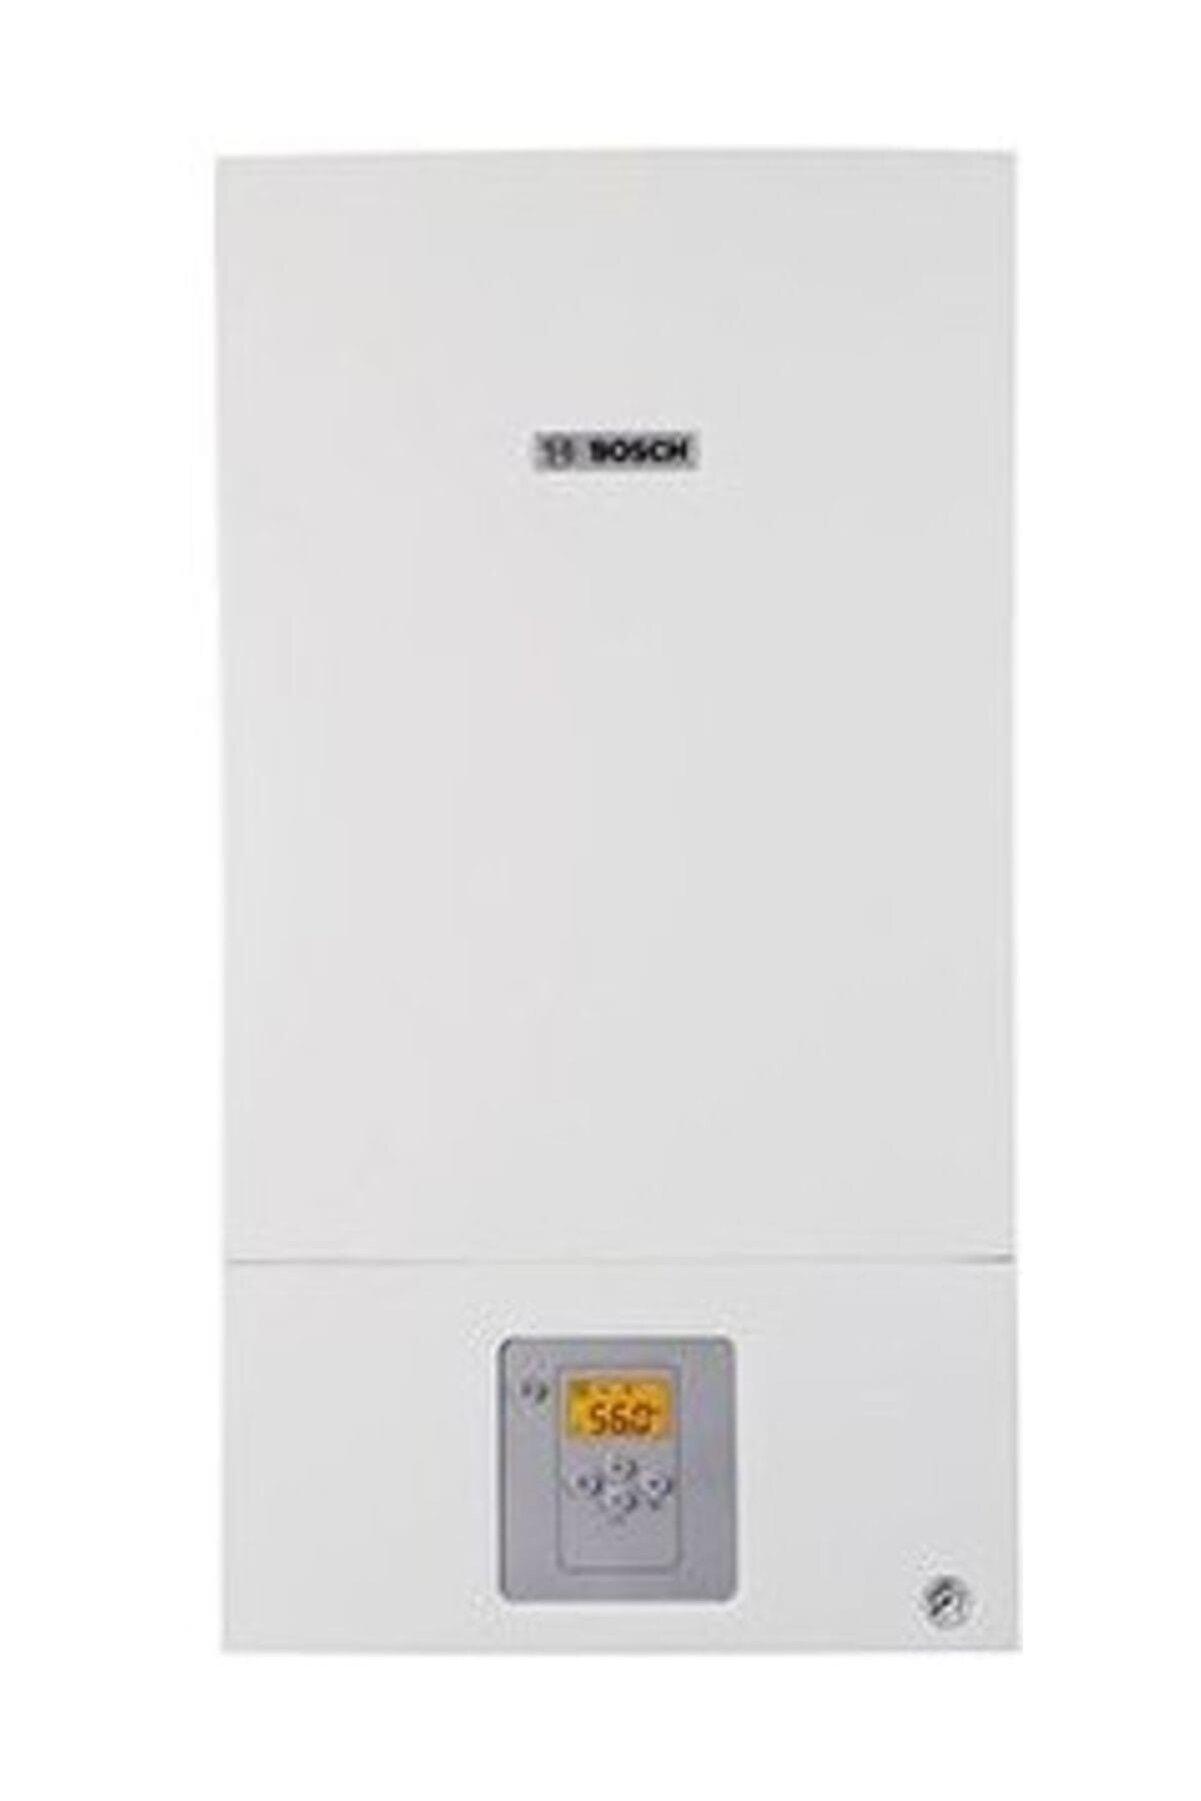 Bosch CONDENS 2500 W 24KW ErP 20.726 kcal/h Yogusmali